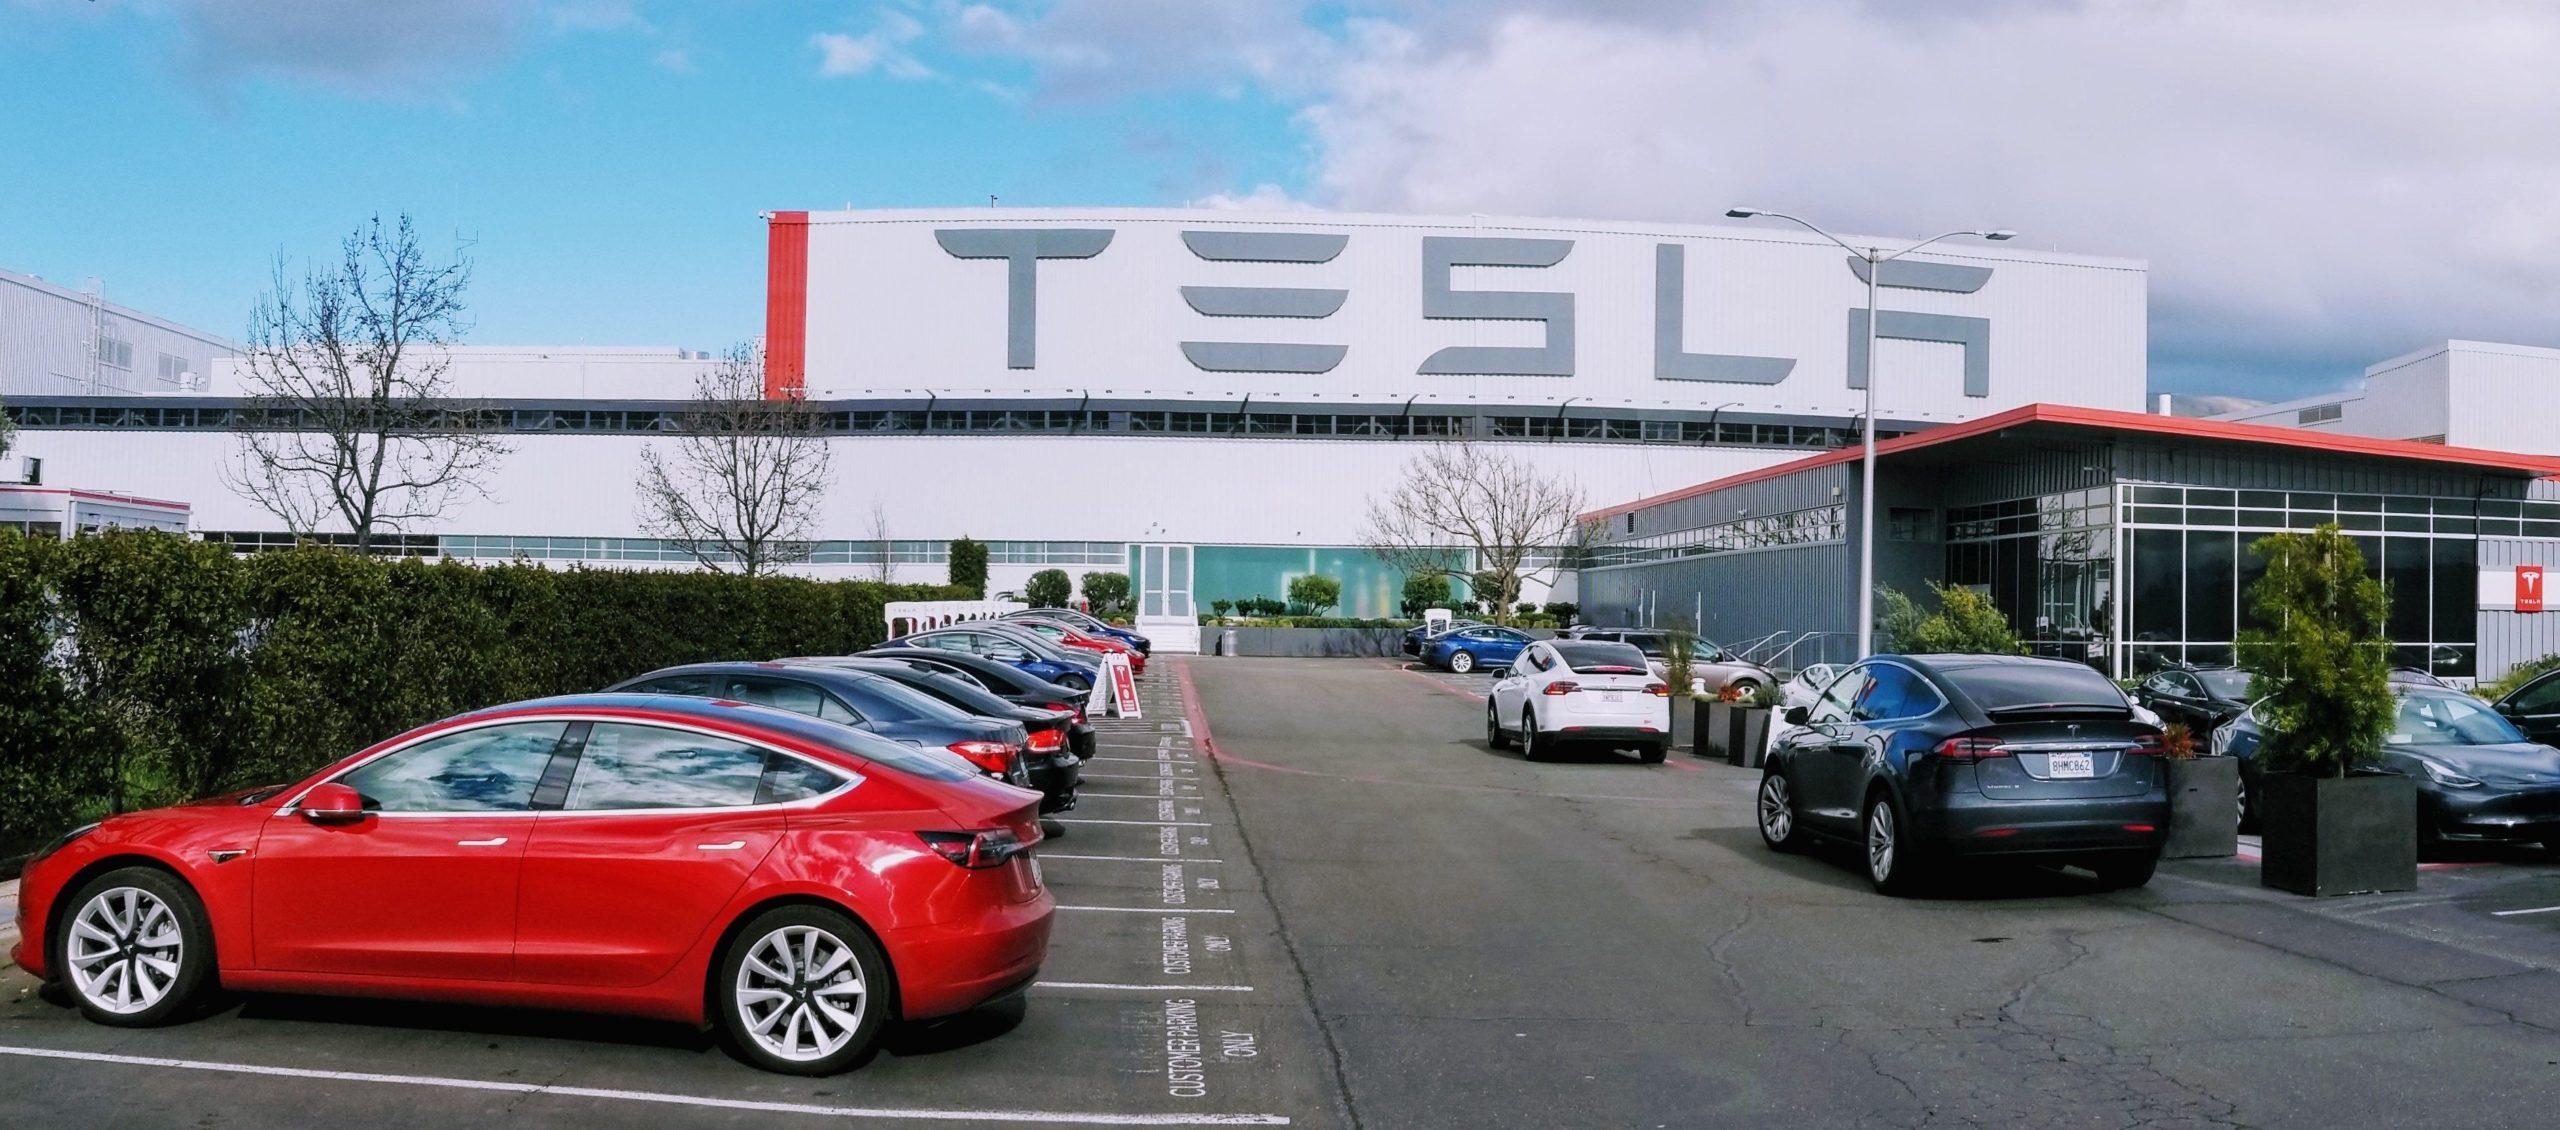 Tesla Car Factory.